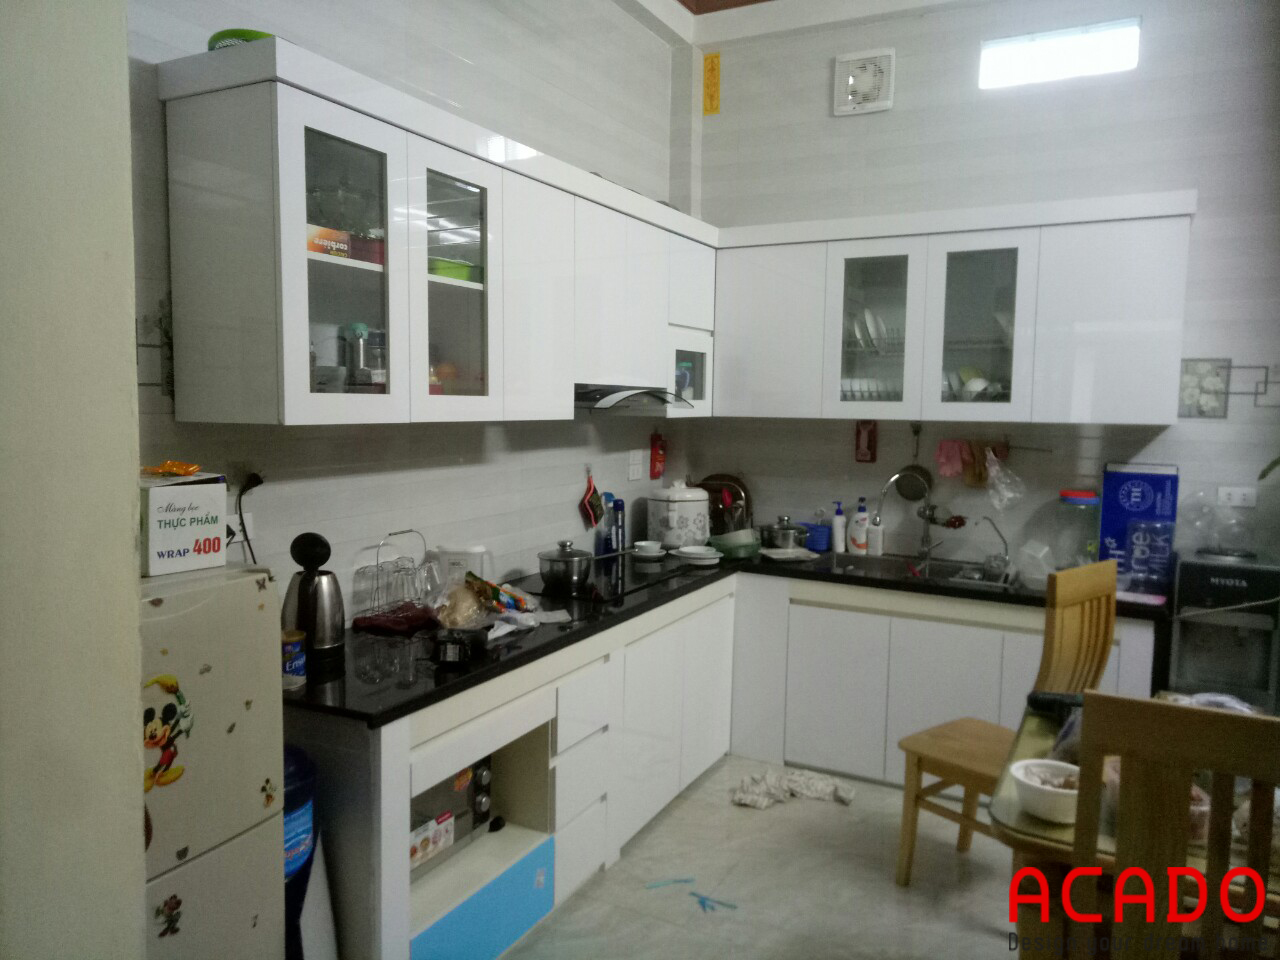 ACADO thiết kế và thi công tủ bếp tại Kiến Hưng - Hà Đông, gia đình anh Triệu